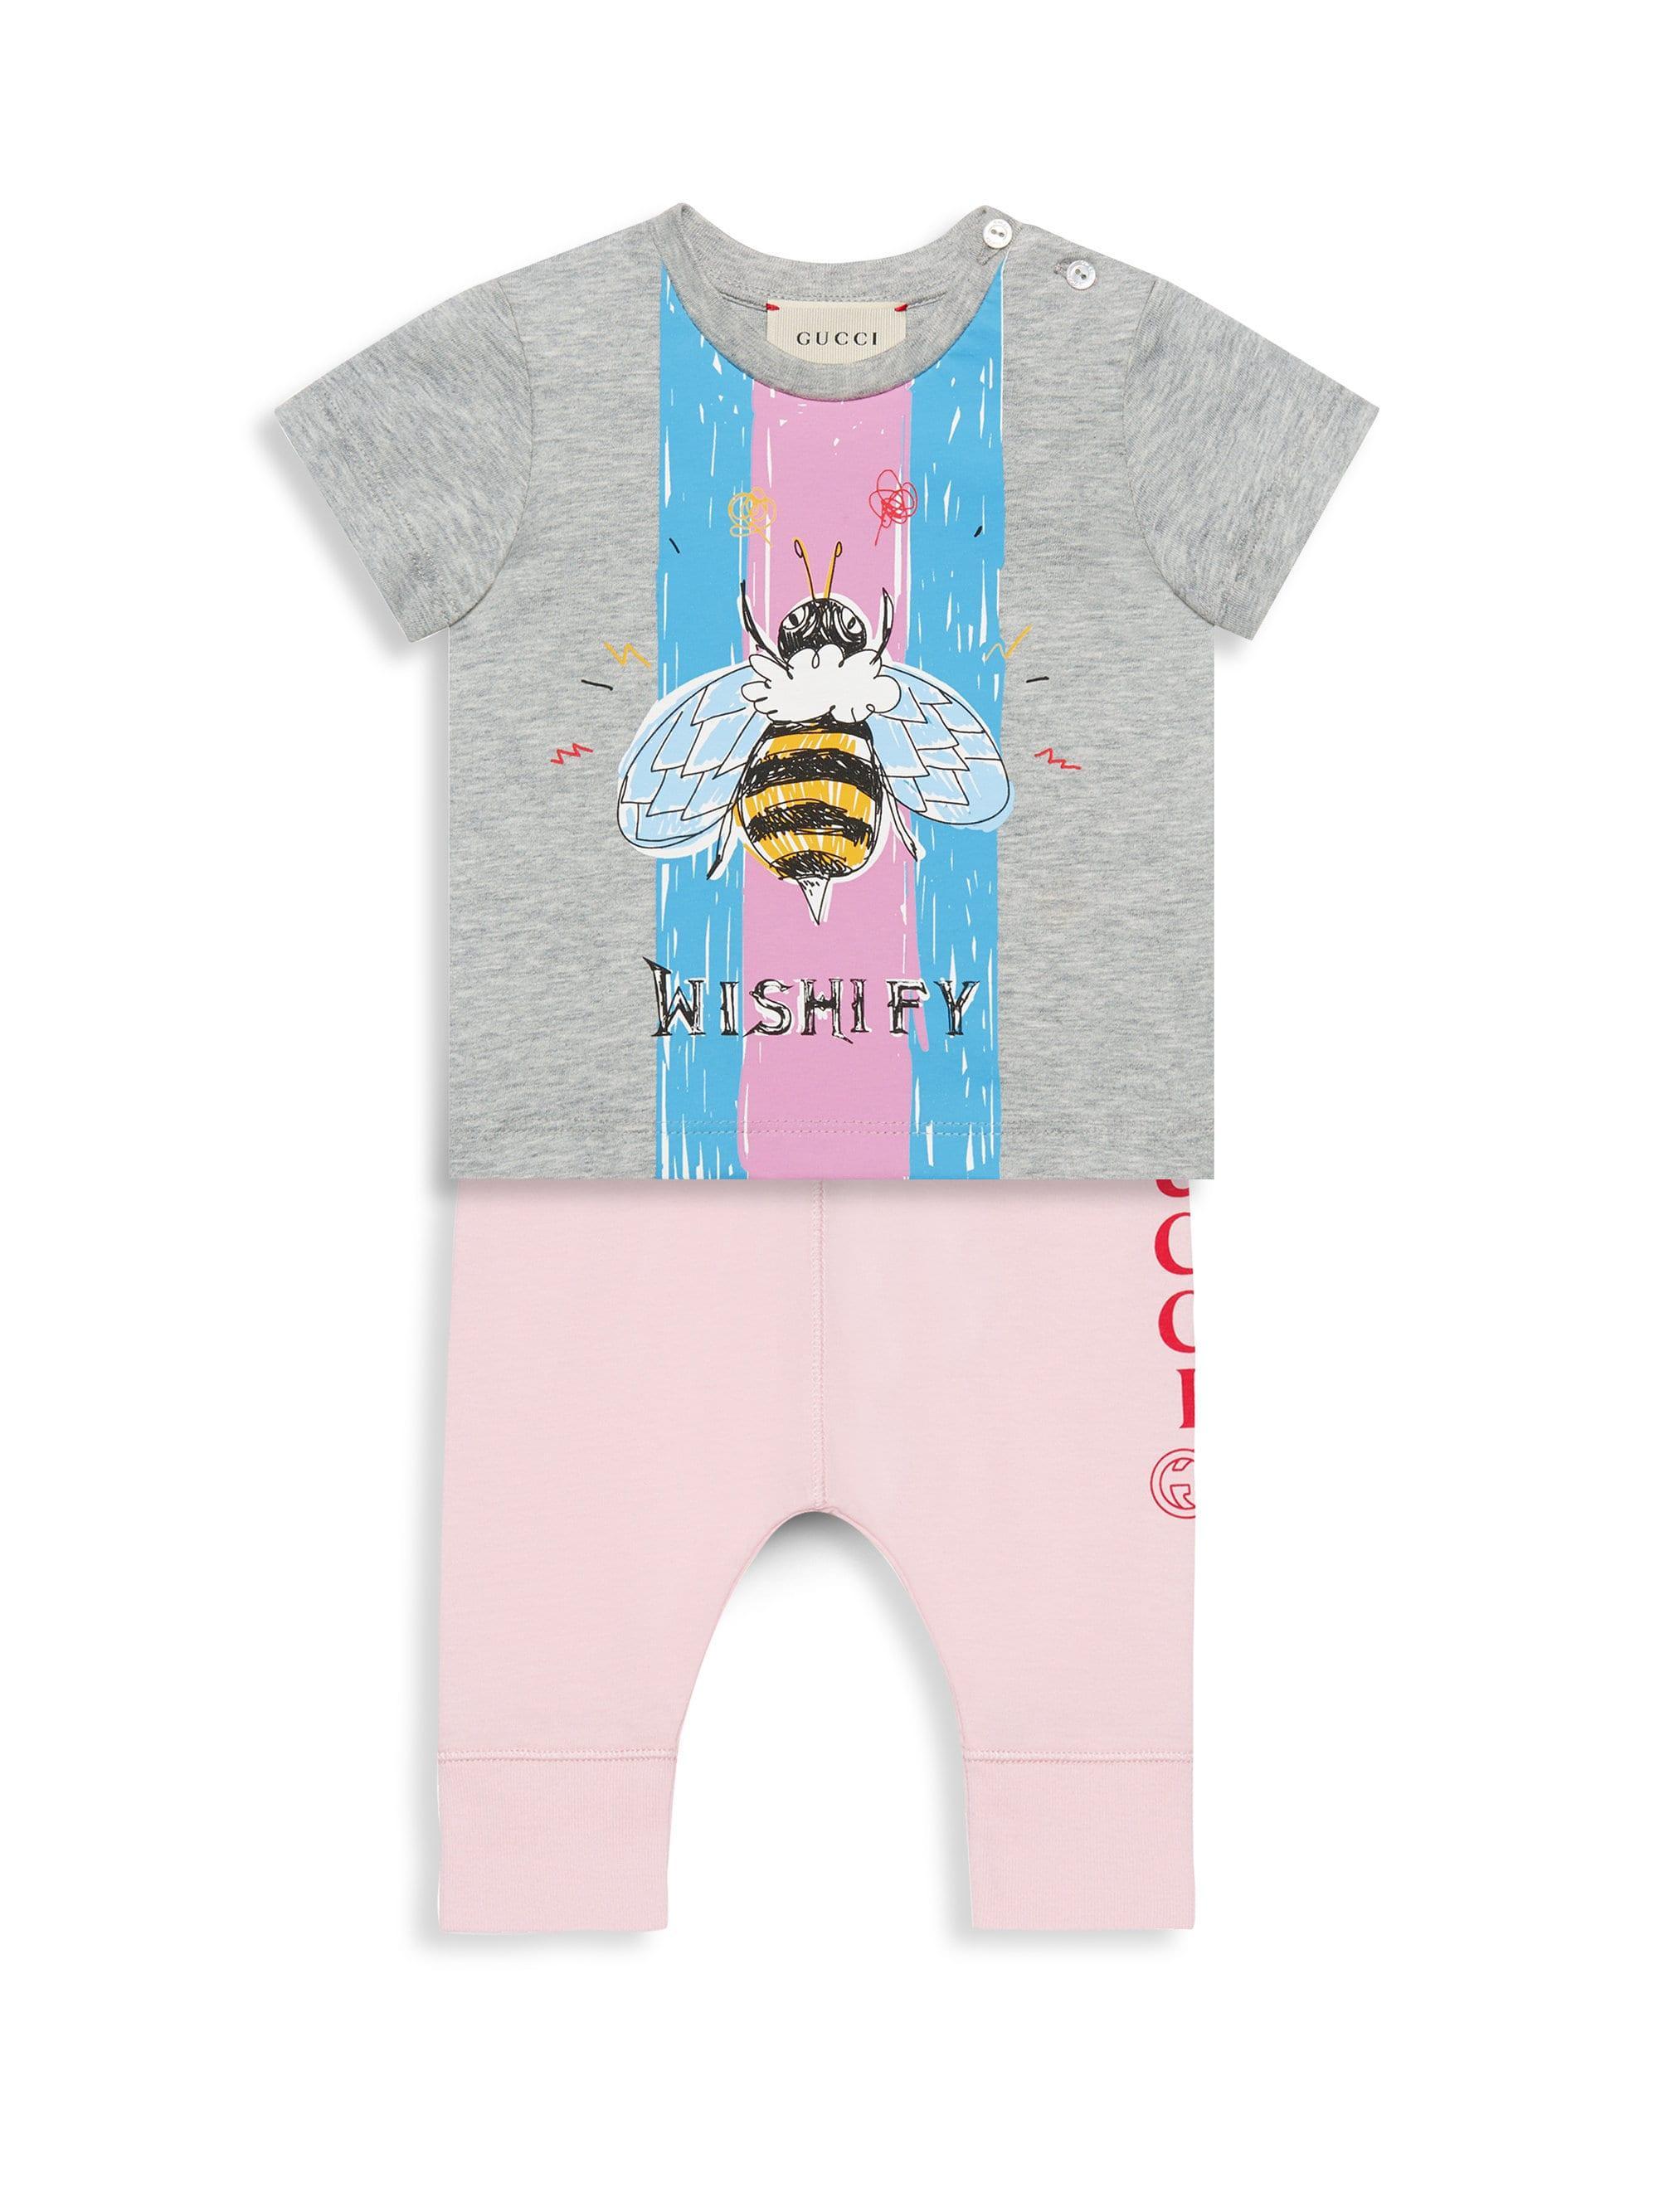 8c12b5b3a3e5 Lyst - Gucci Baby Girl's Bee T-shirt in Black